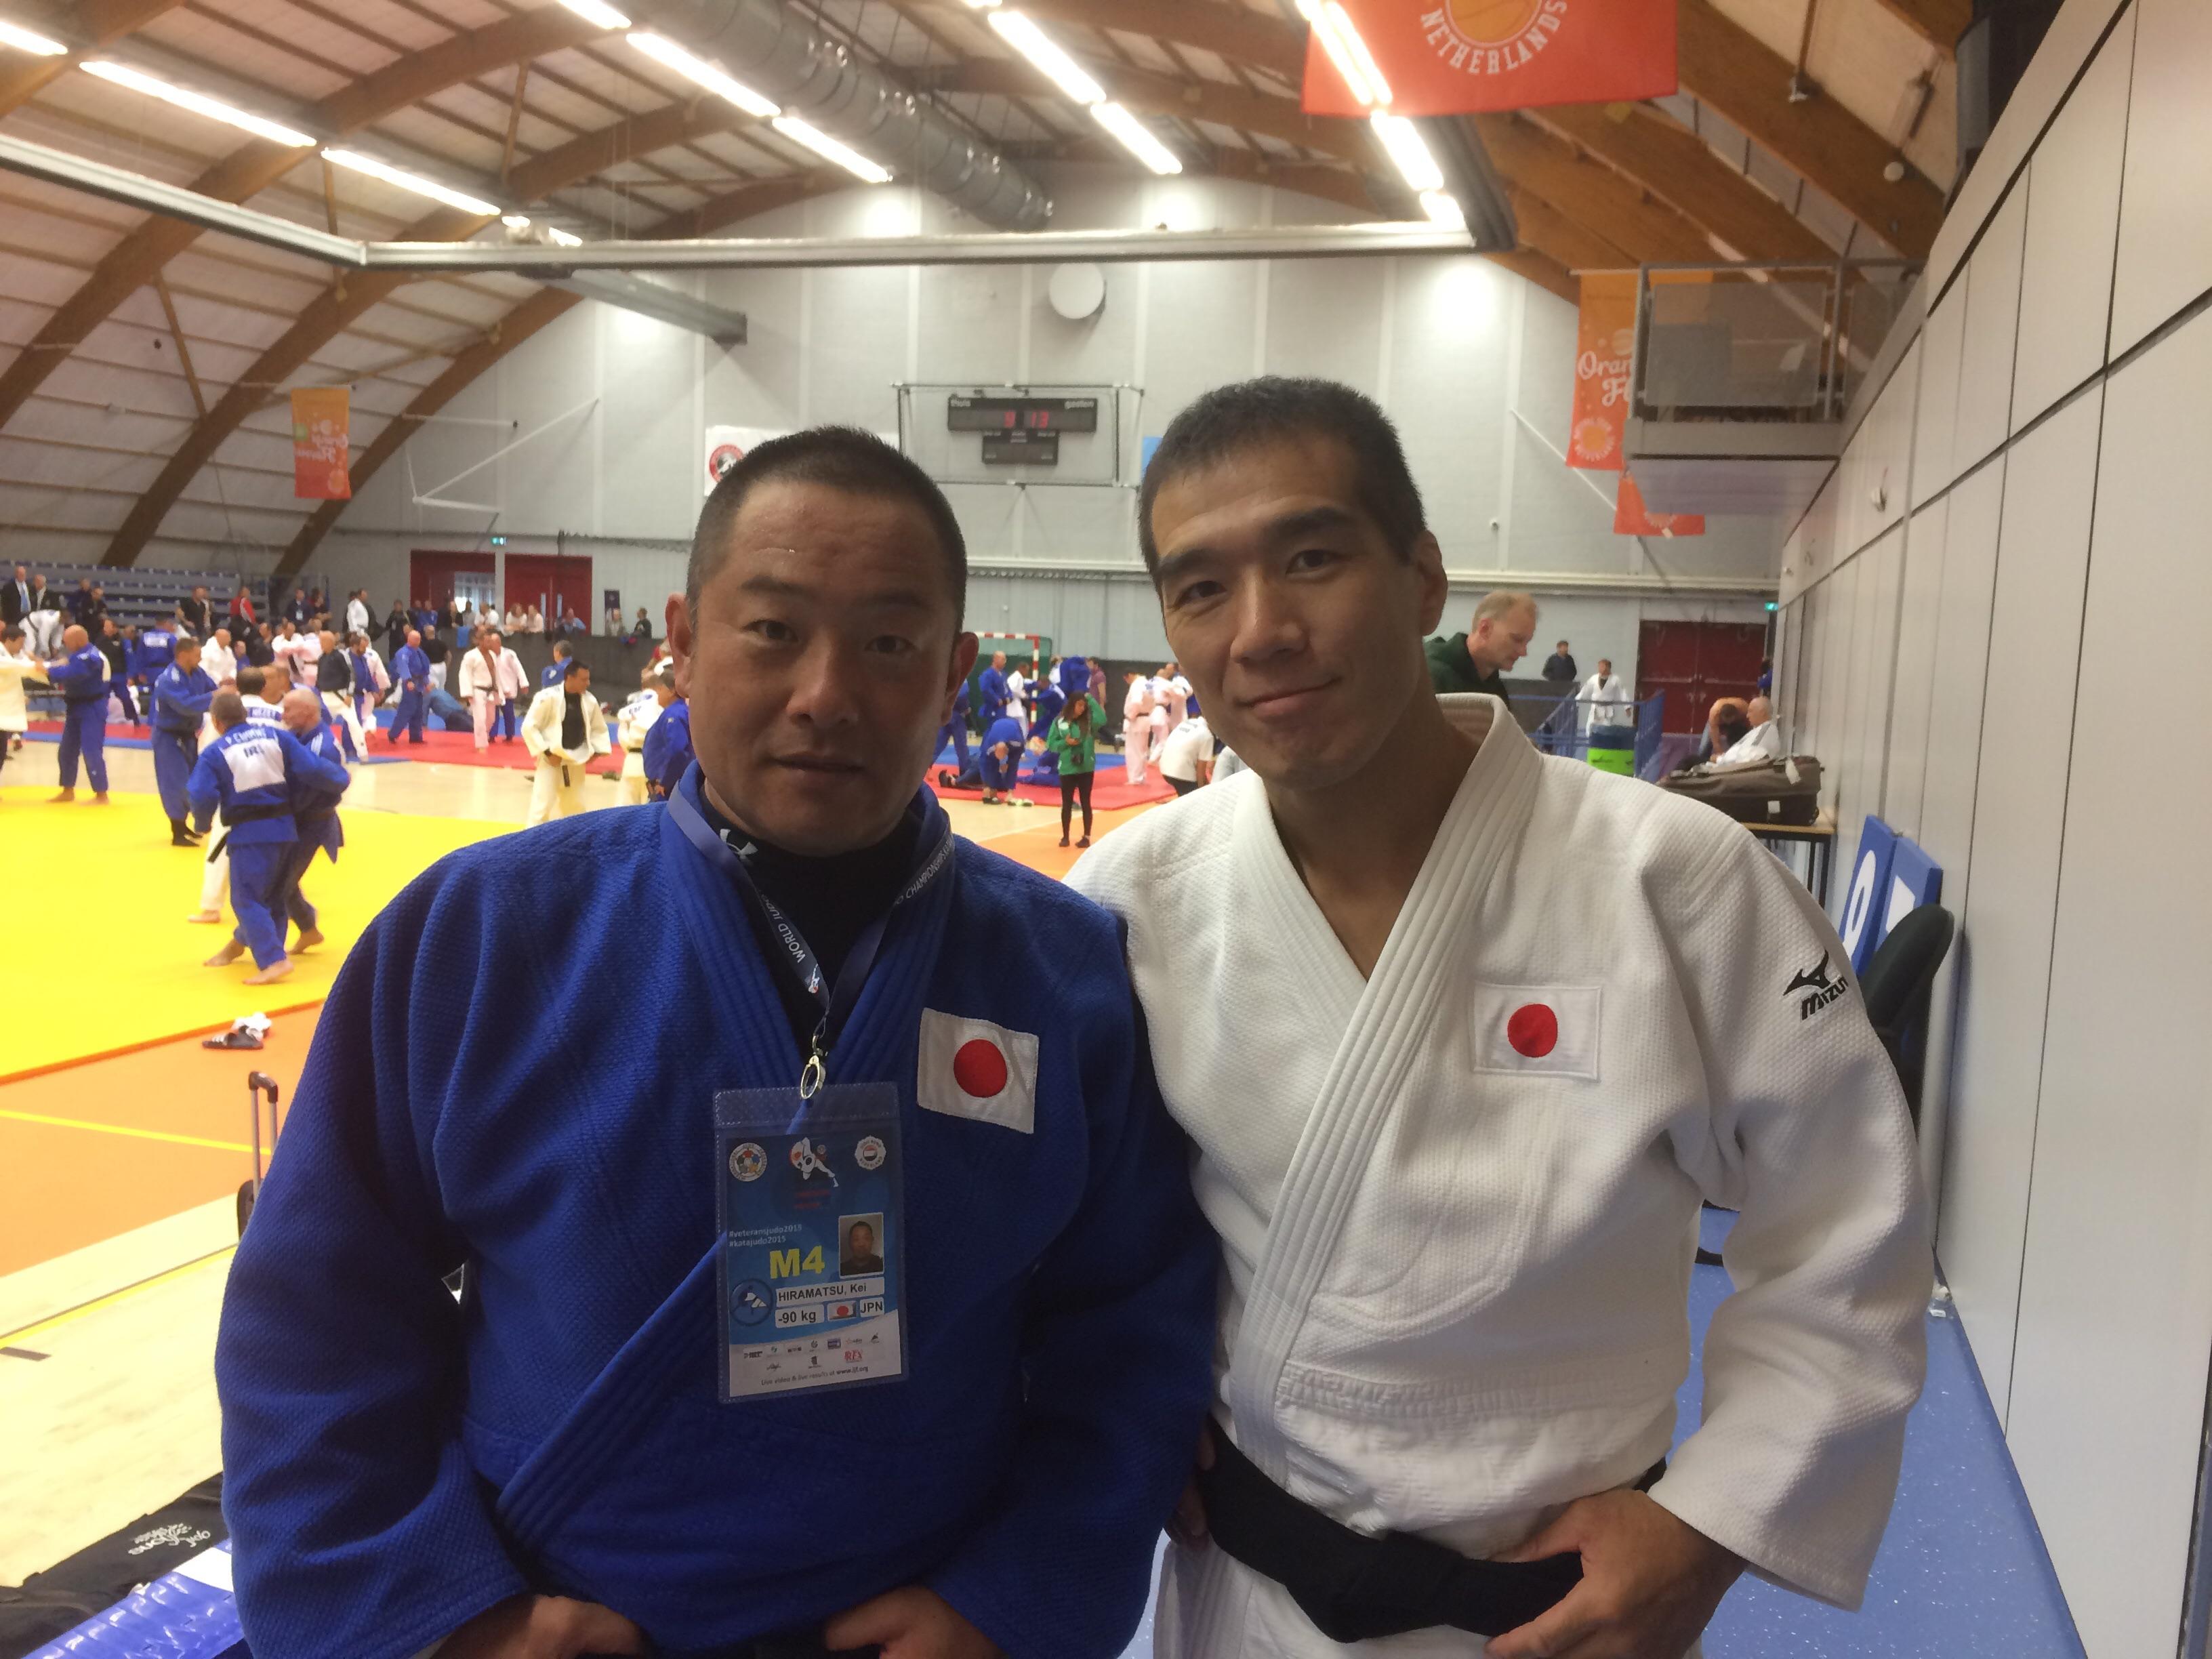 世界ベテランズ柔道大会に出場し、オランダから戻りました。